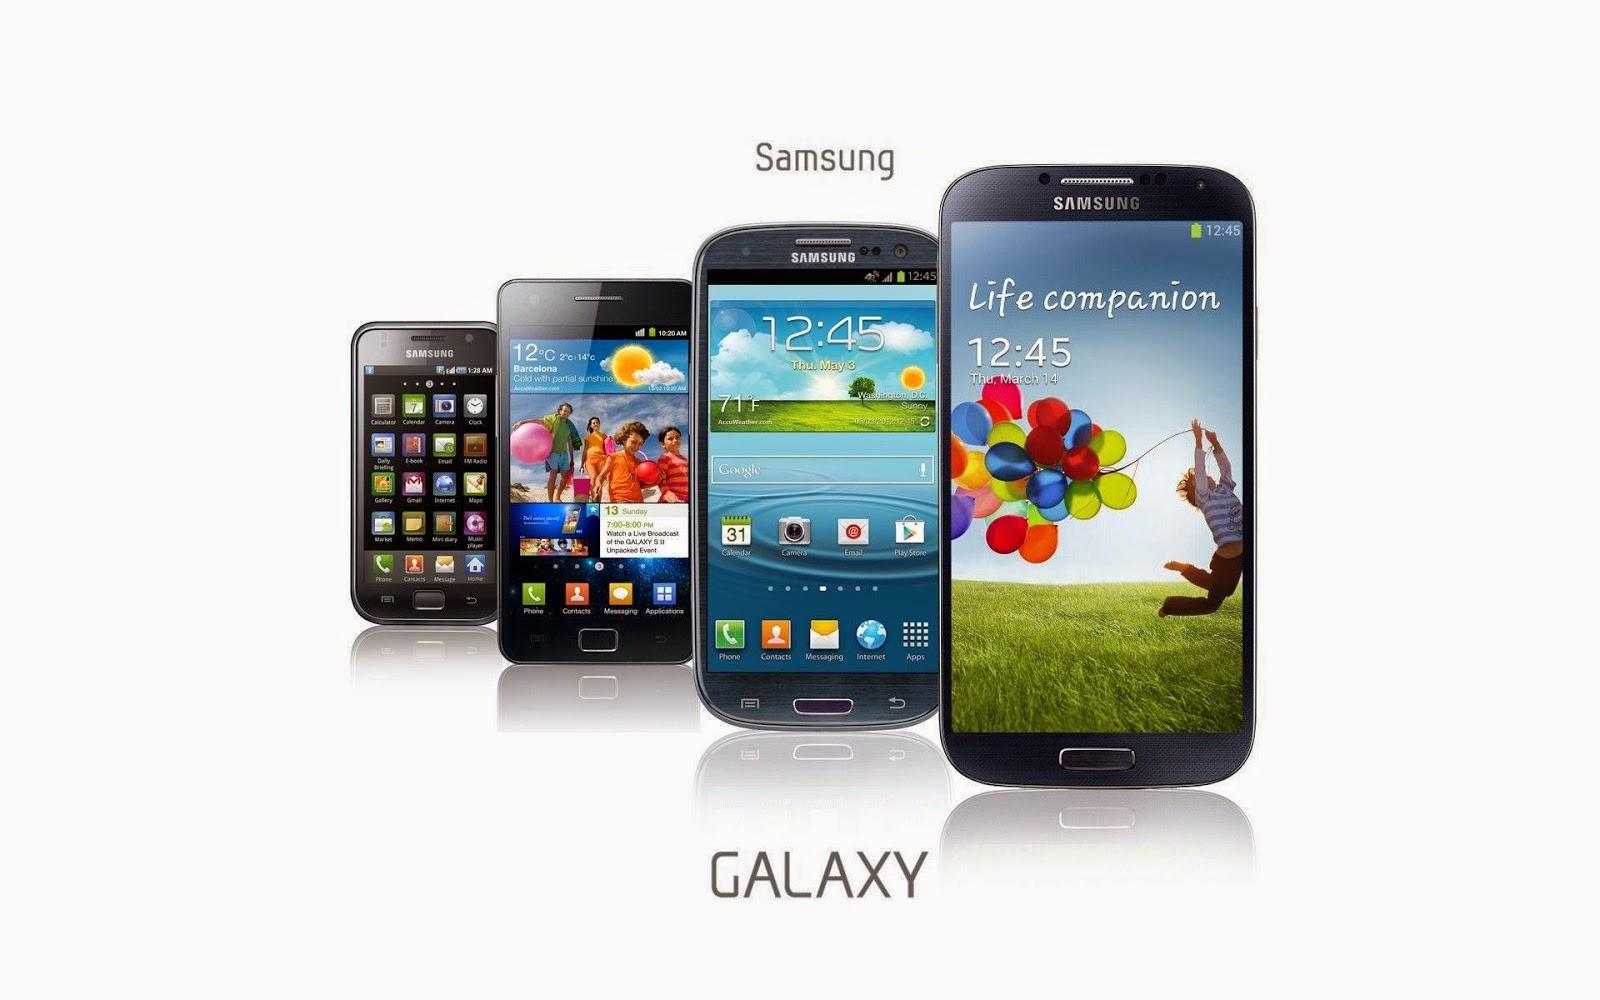 Daftar Harga HP Samsung Galaxy Juni 2014 Lengkap